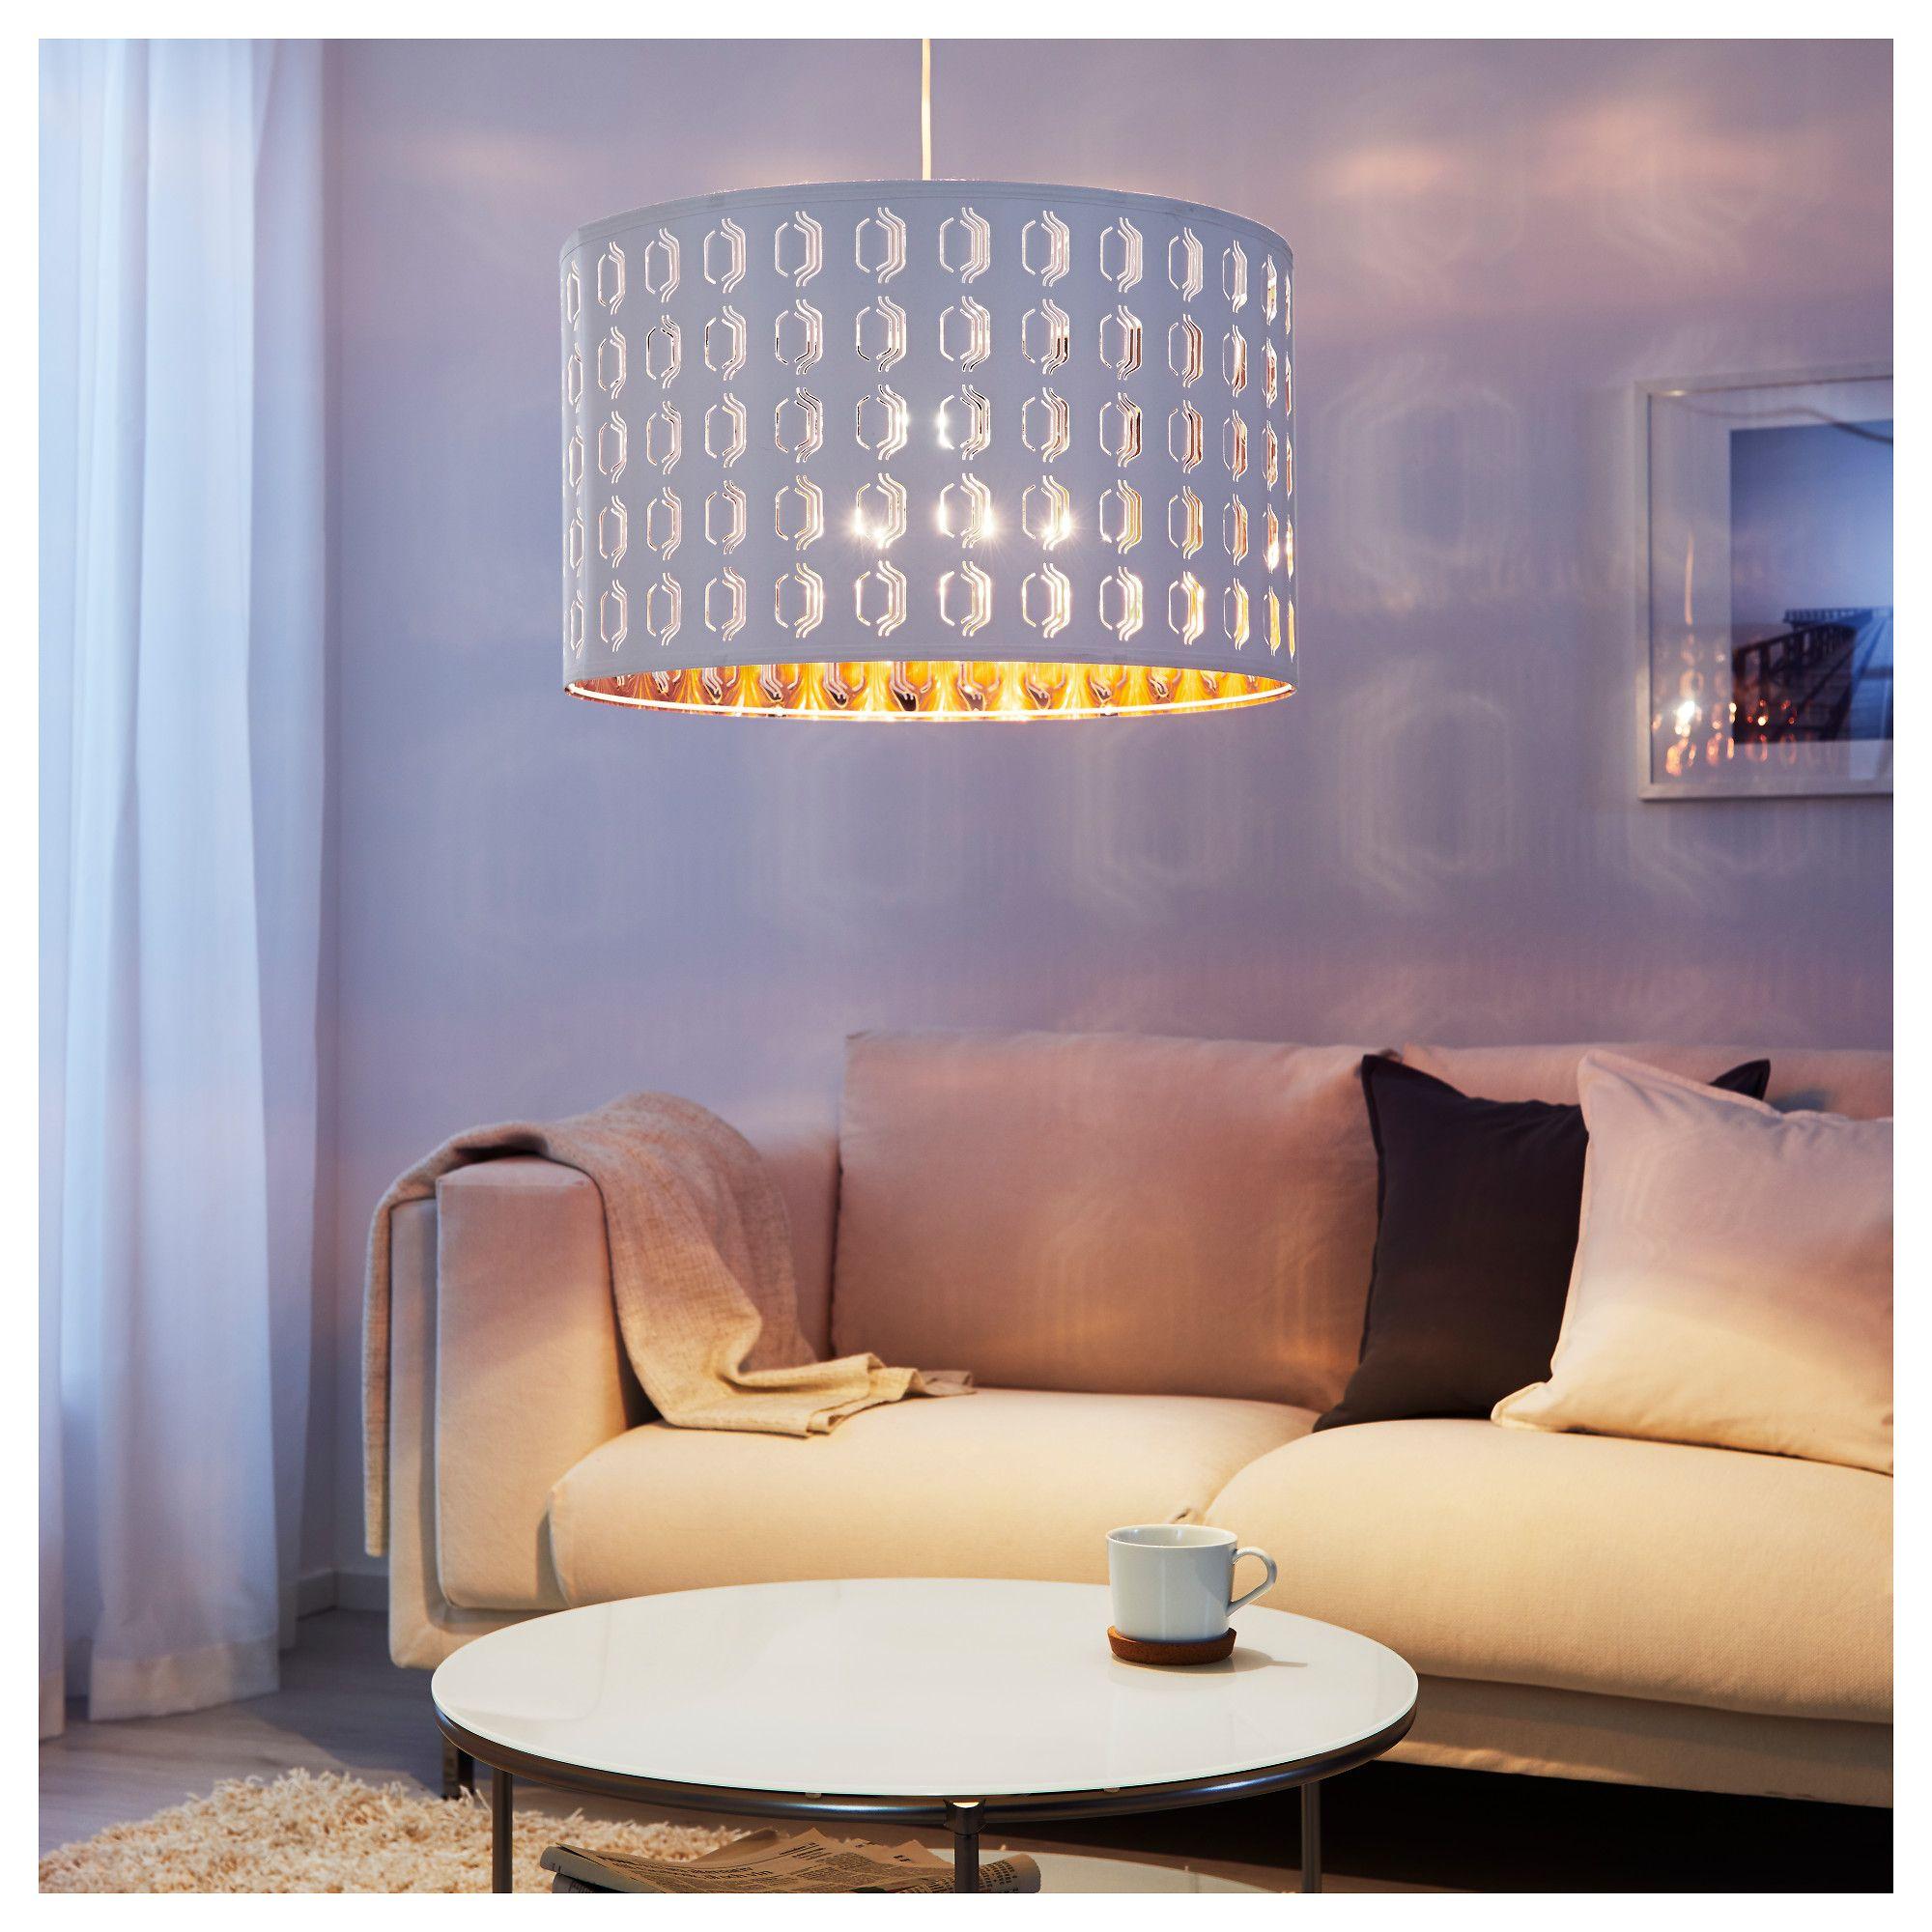 1053108df0c6be36cc591b832e54041d Résultat Supérieur 60 Luxe Lampe Decorative Stock 2018 Ldkt